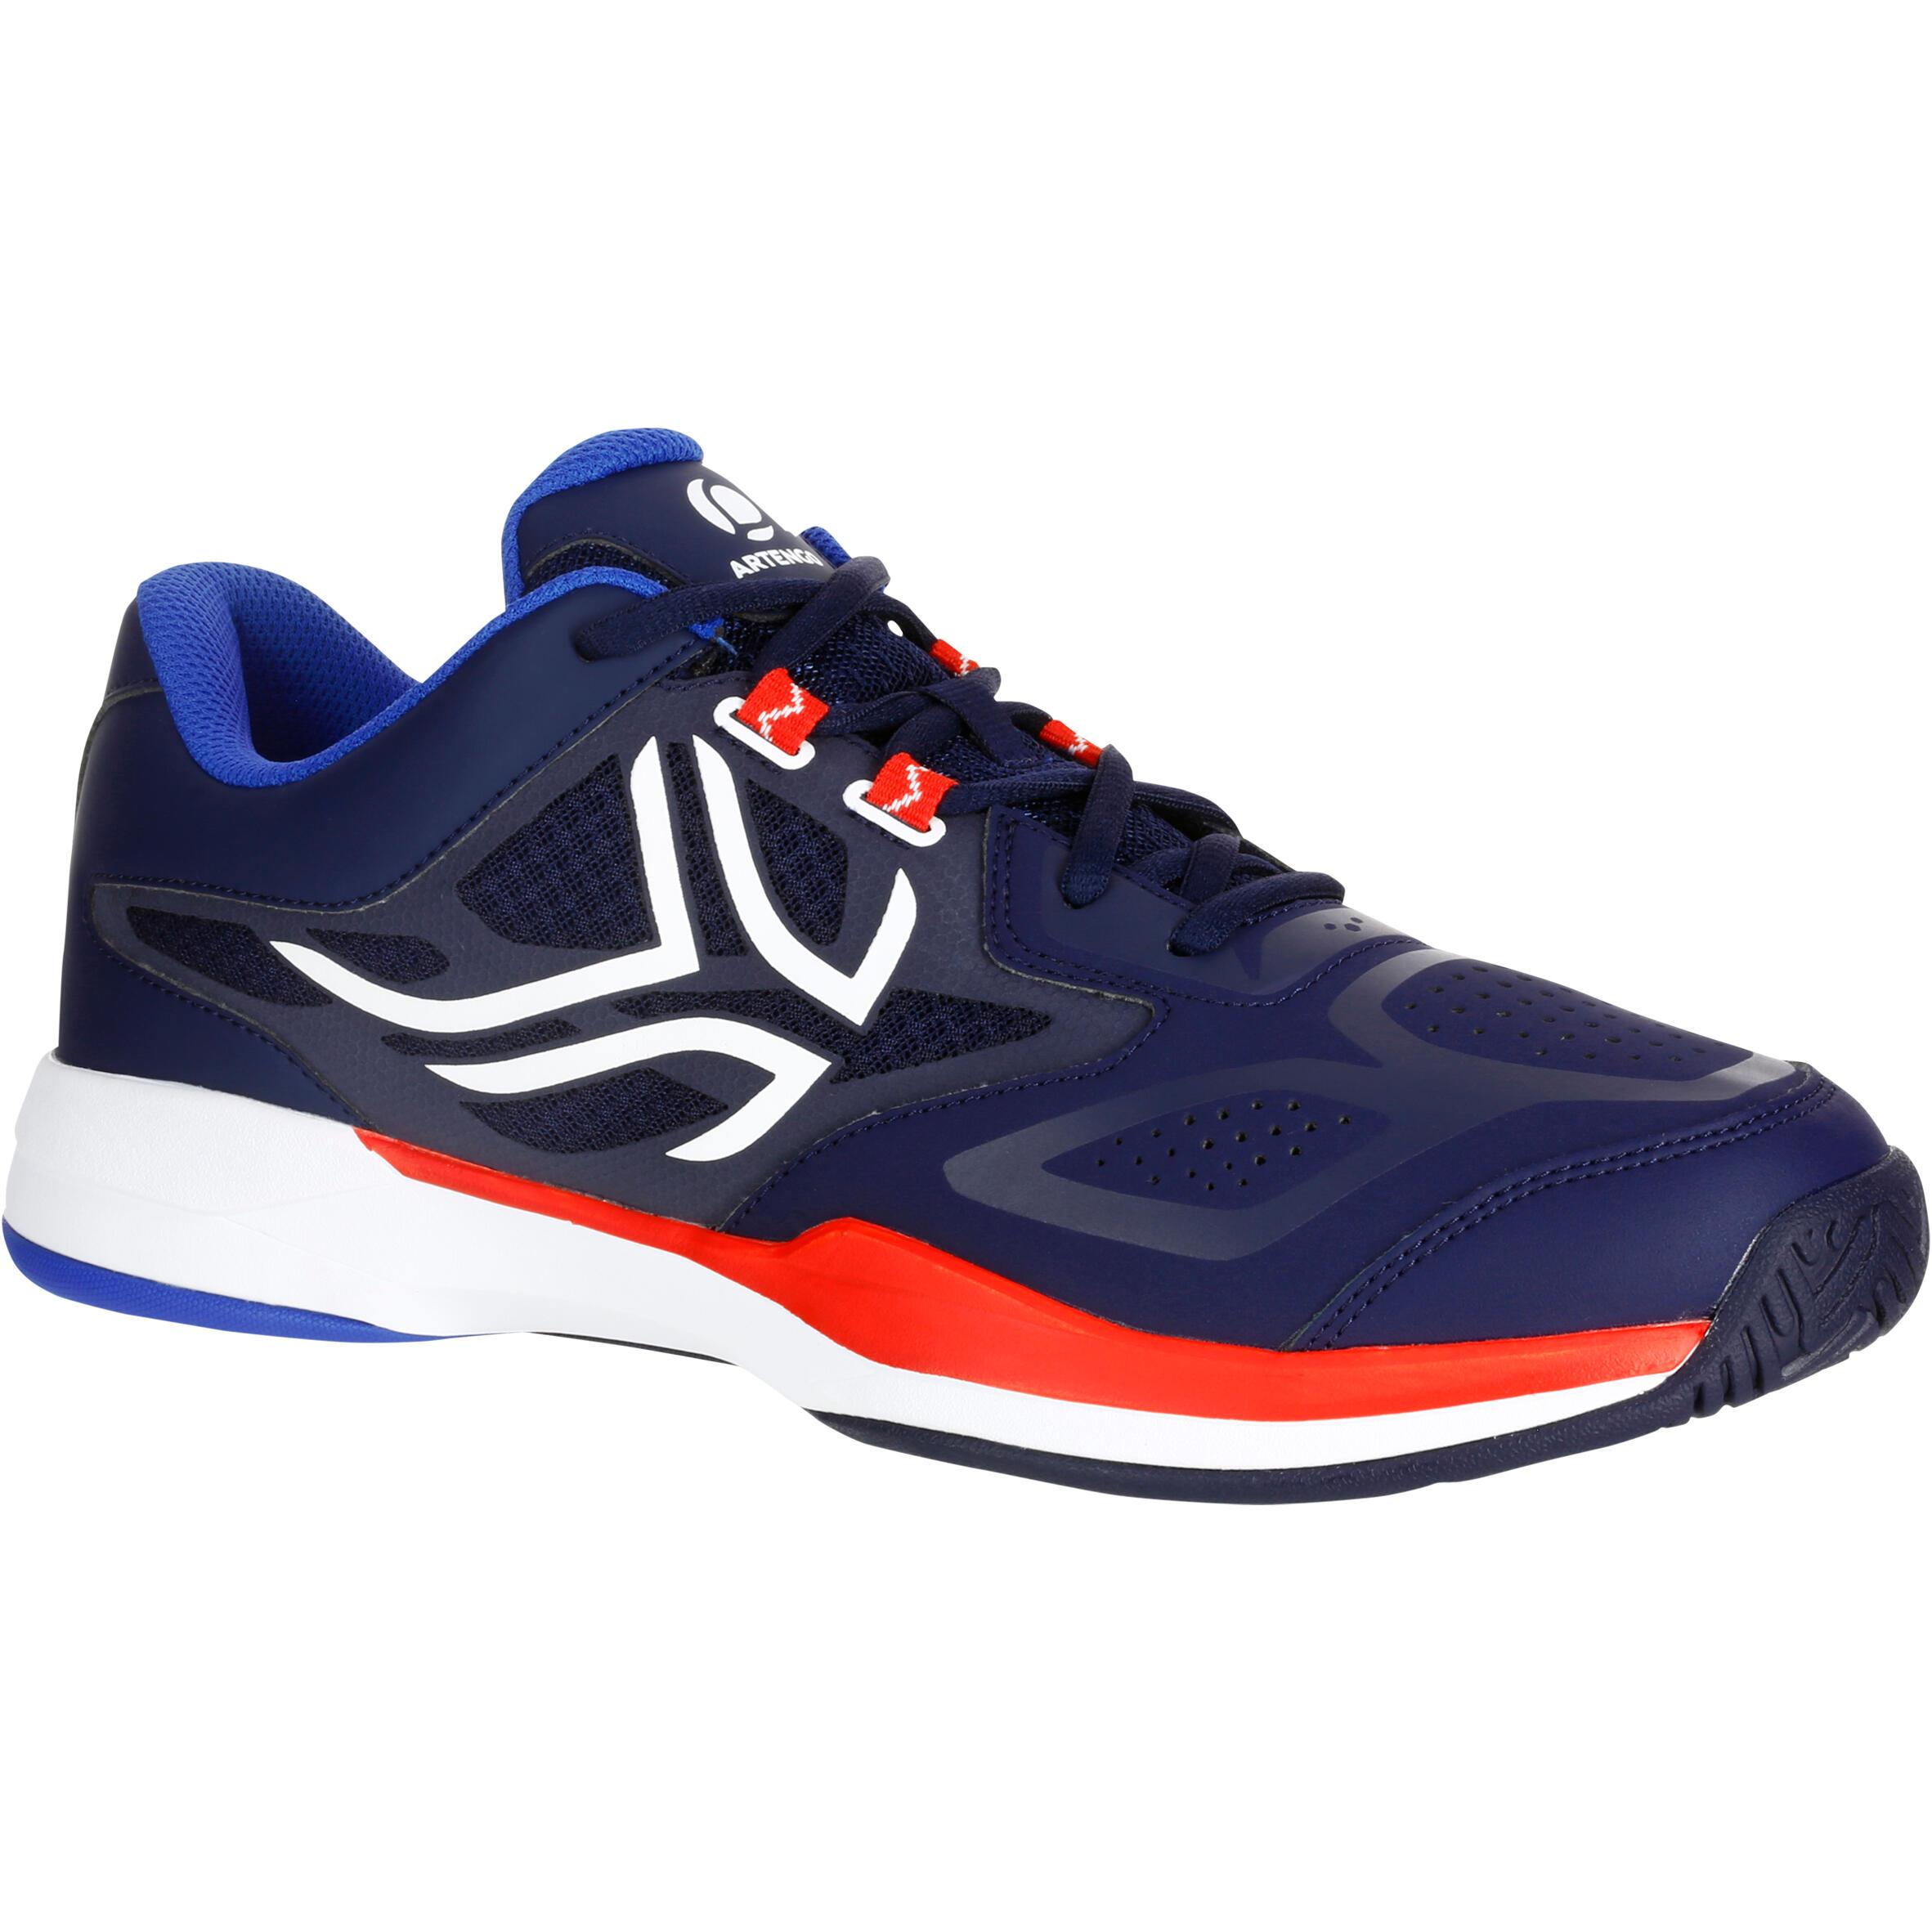 Artengo Tennisschoenen voor heren TS560 multicourt